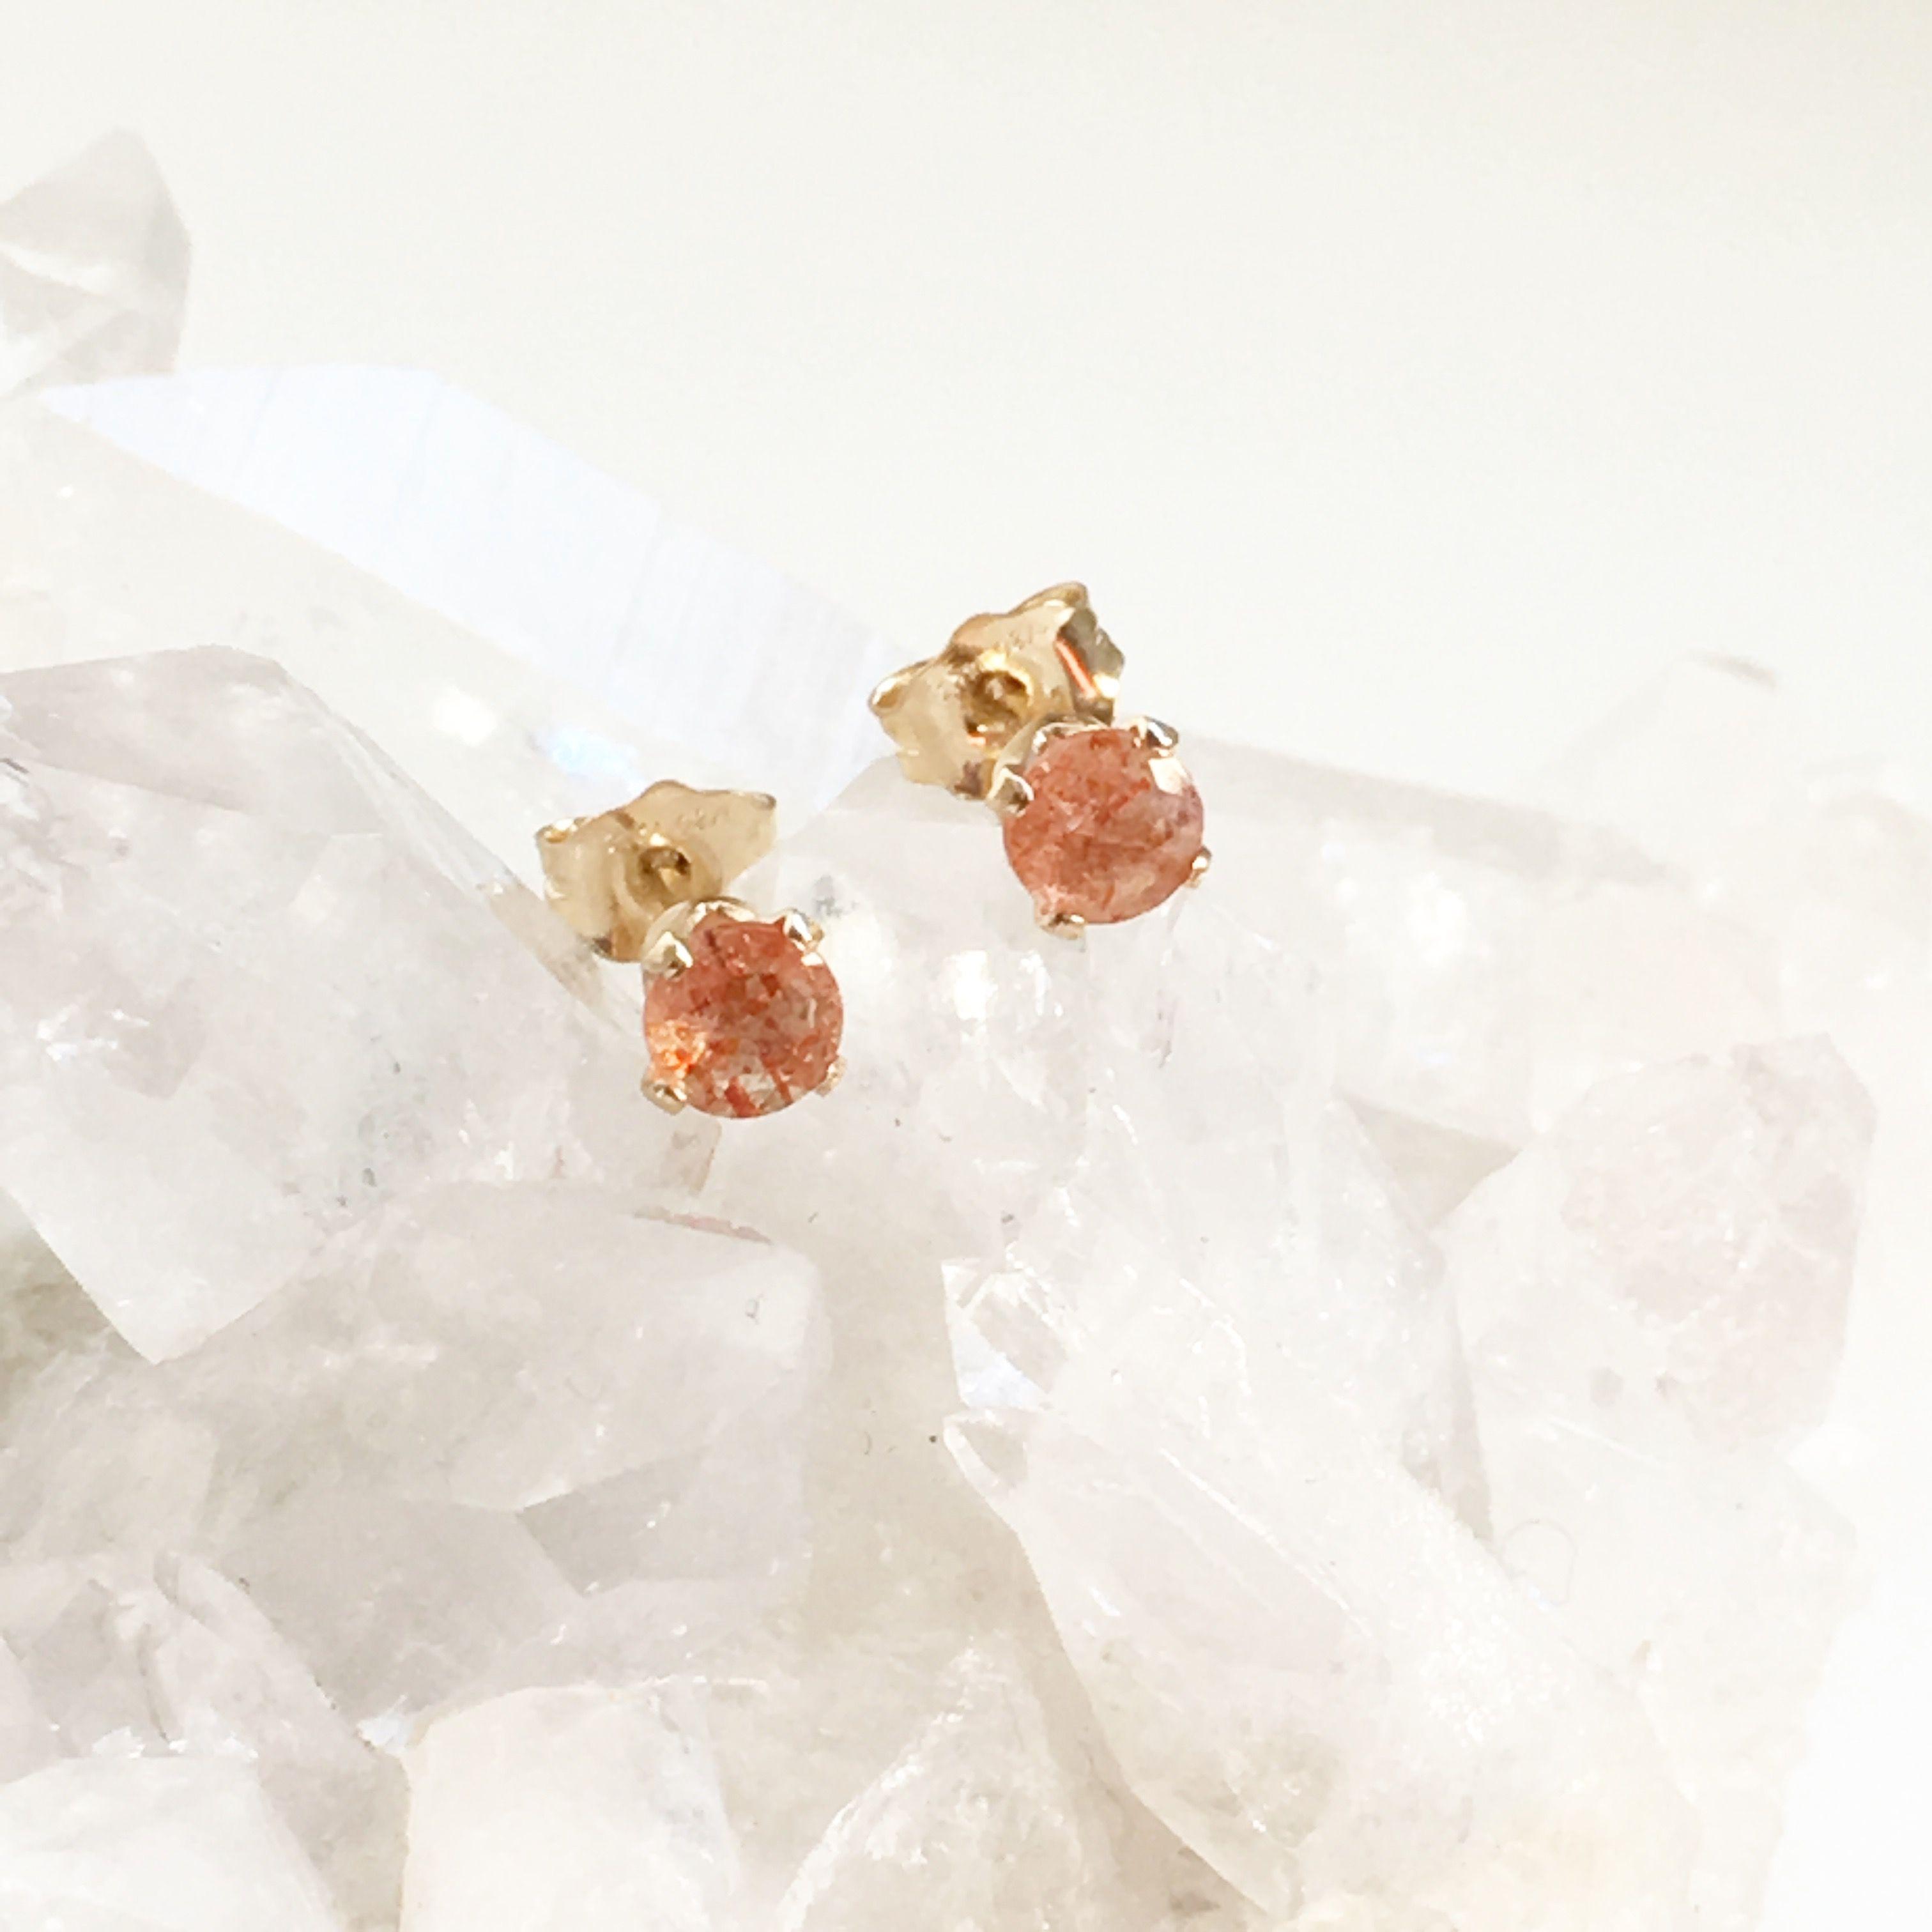 Gold filled sunstone stud earrings / Beadin' Nora